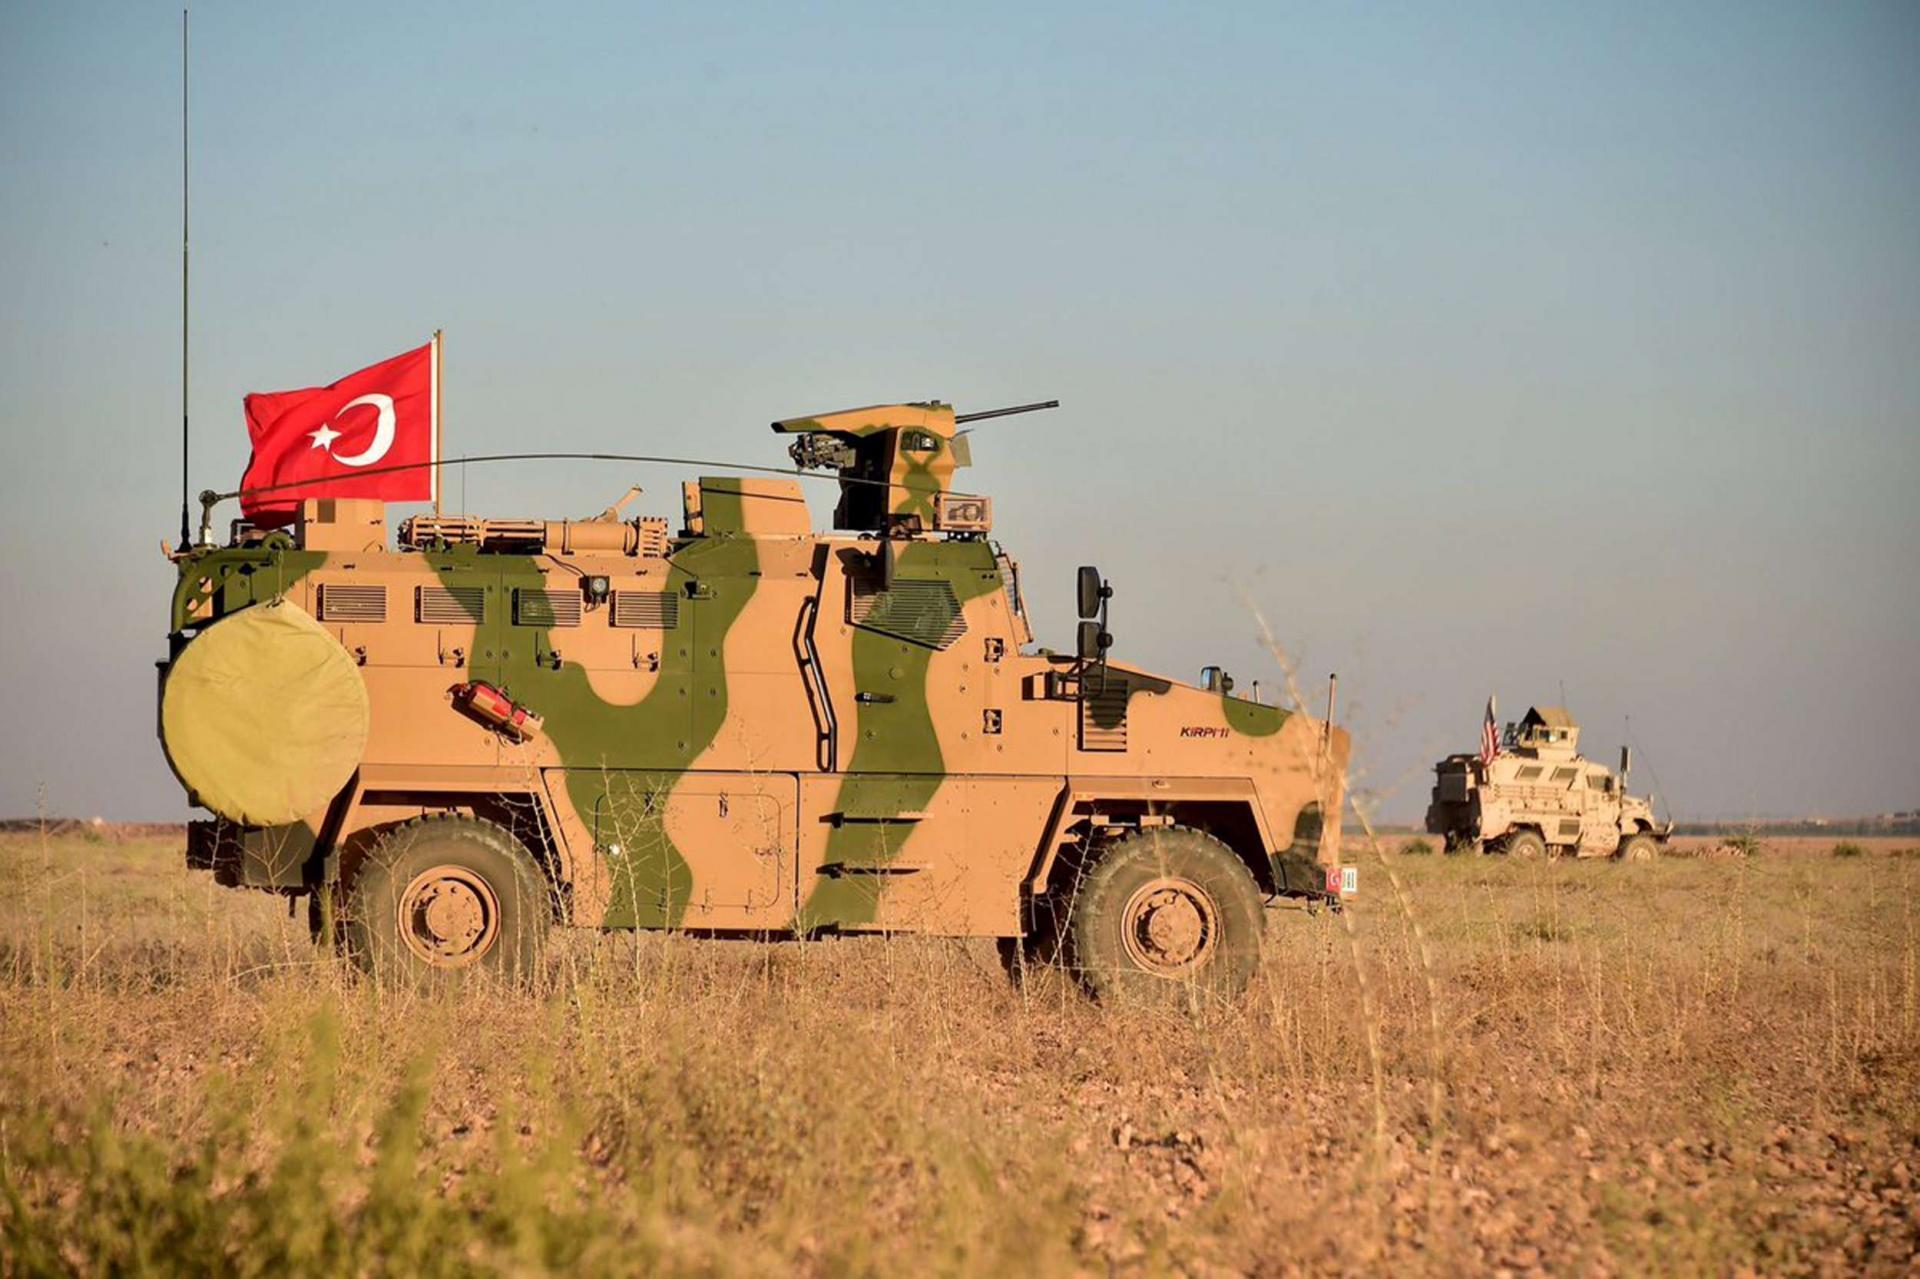 راپۆرتيگ ئهمريكى: توركيا 13 بنگهى سهربازێ له ههرێم كوردستان دامهزرانگه